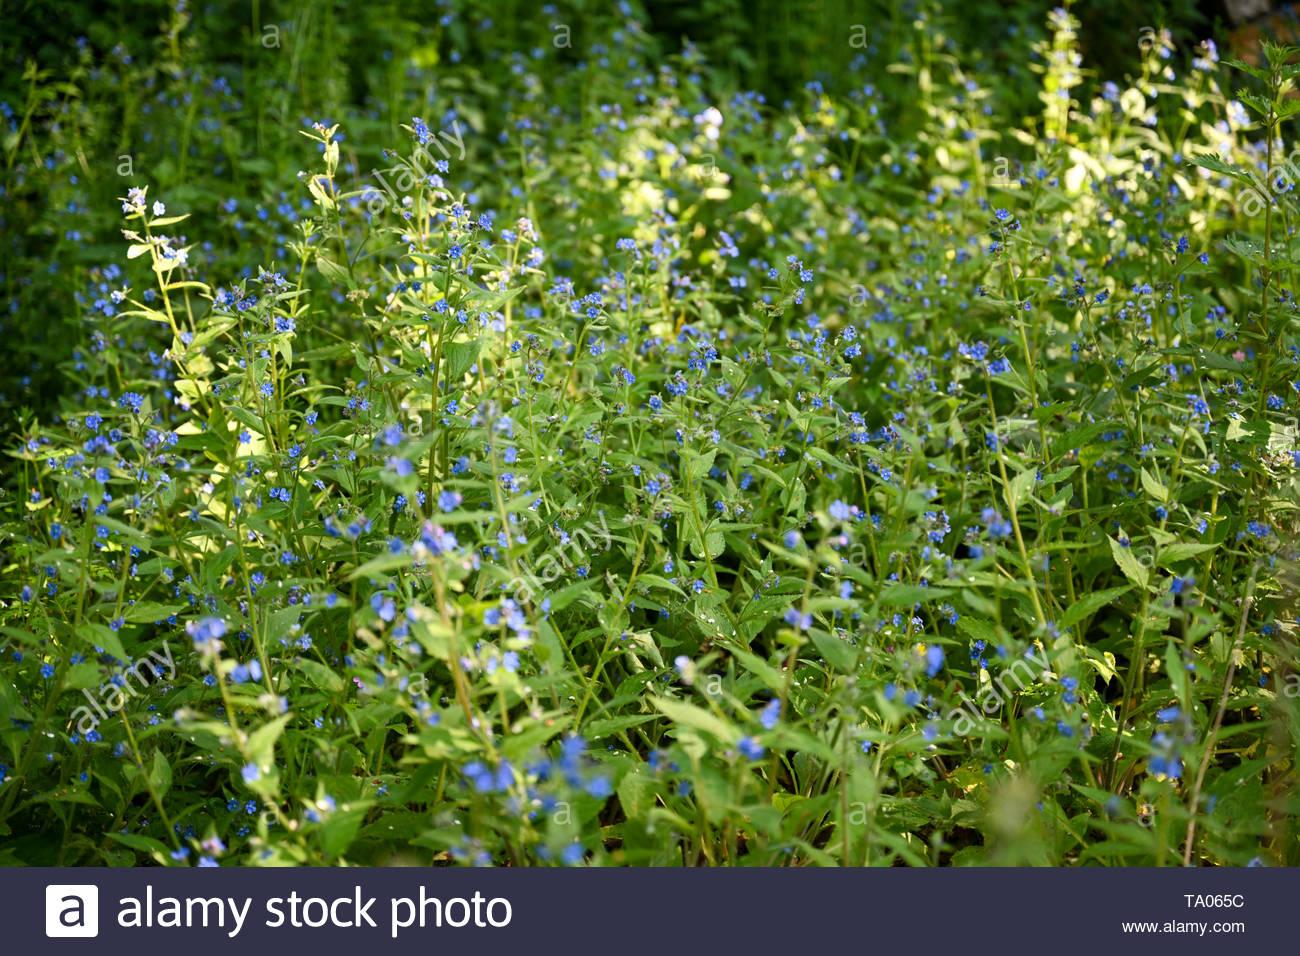 Wildlife-friendly cottage ingles jardín cubierto de flores silvestres en primavera sol. Imagen De Stock